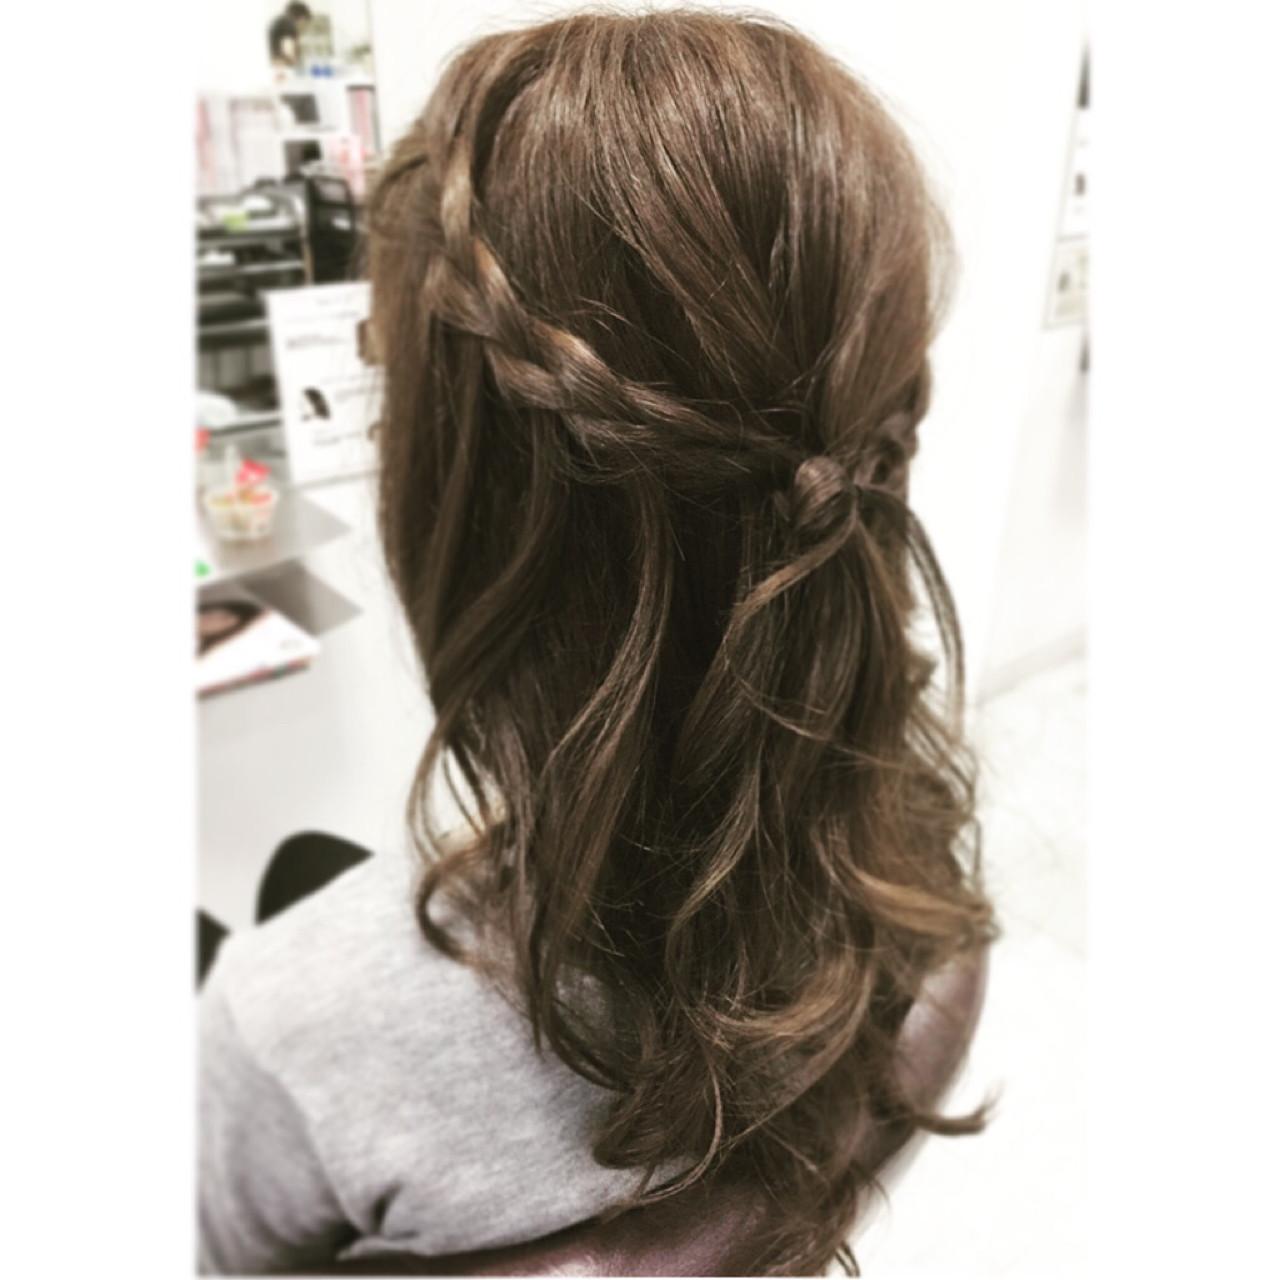 夏の予感がしたら髪型アップで出かけたい♡カジュアルアップヘアアレンジHOWTO チエ